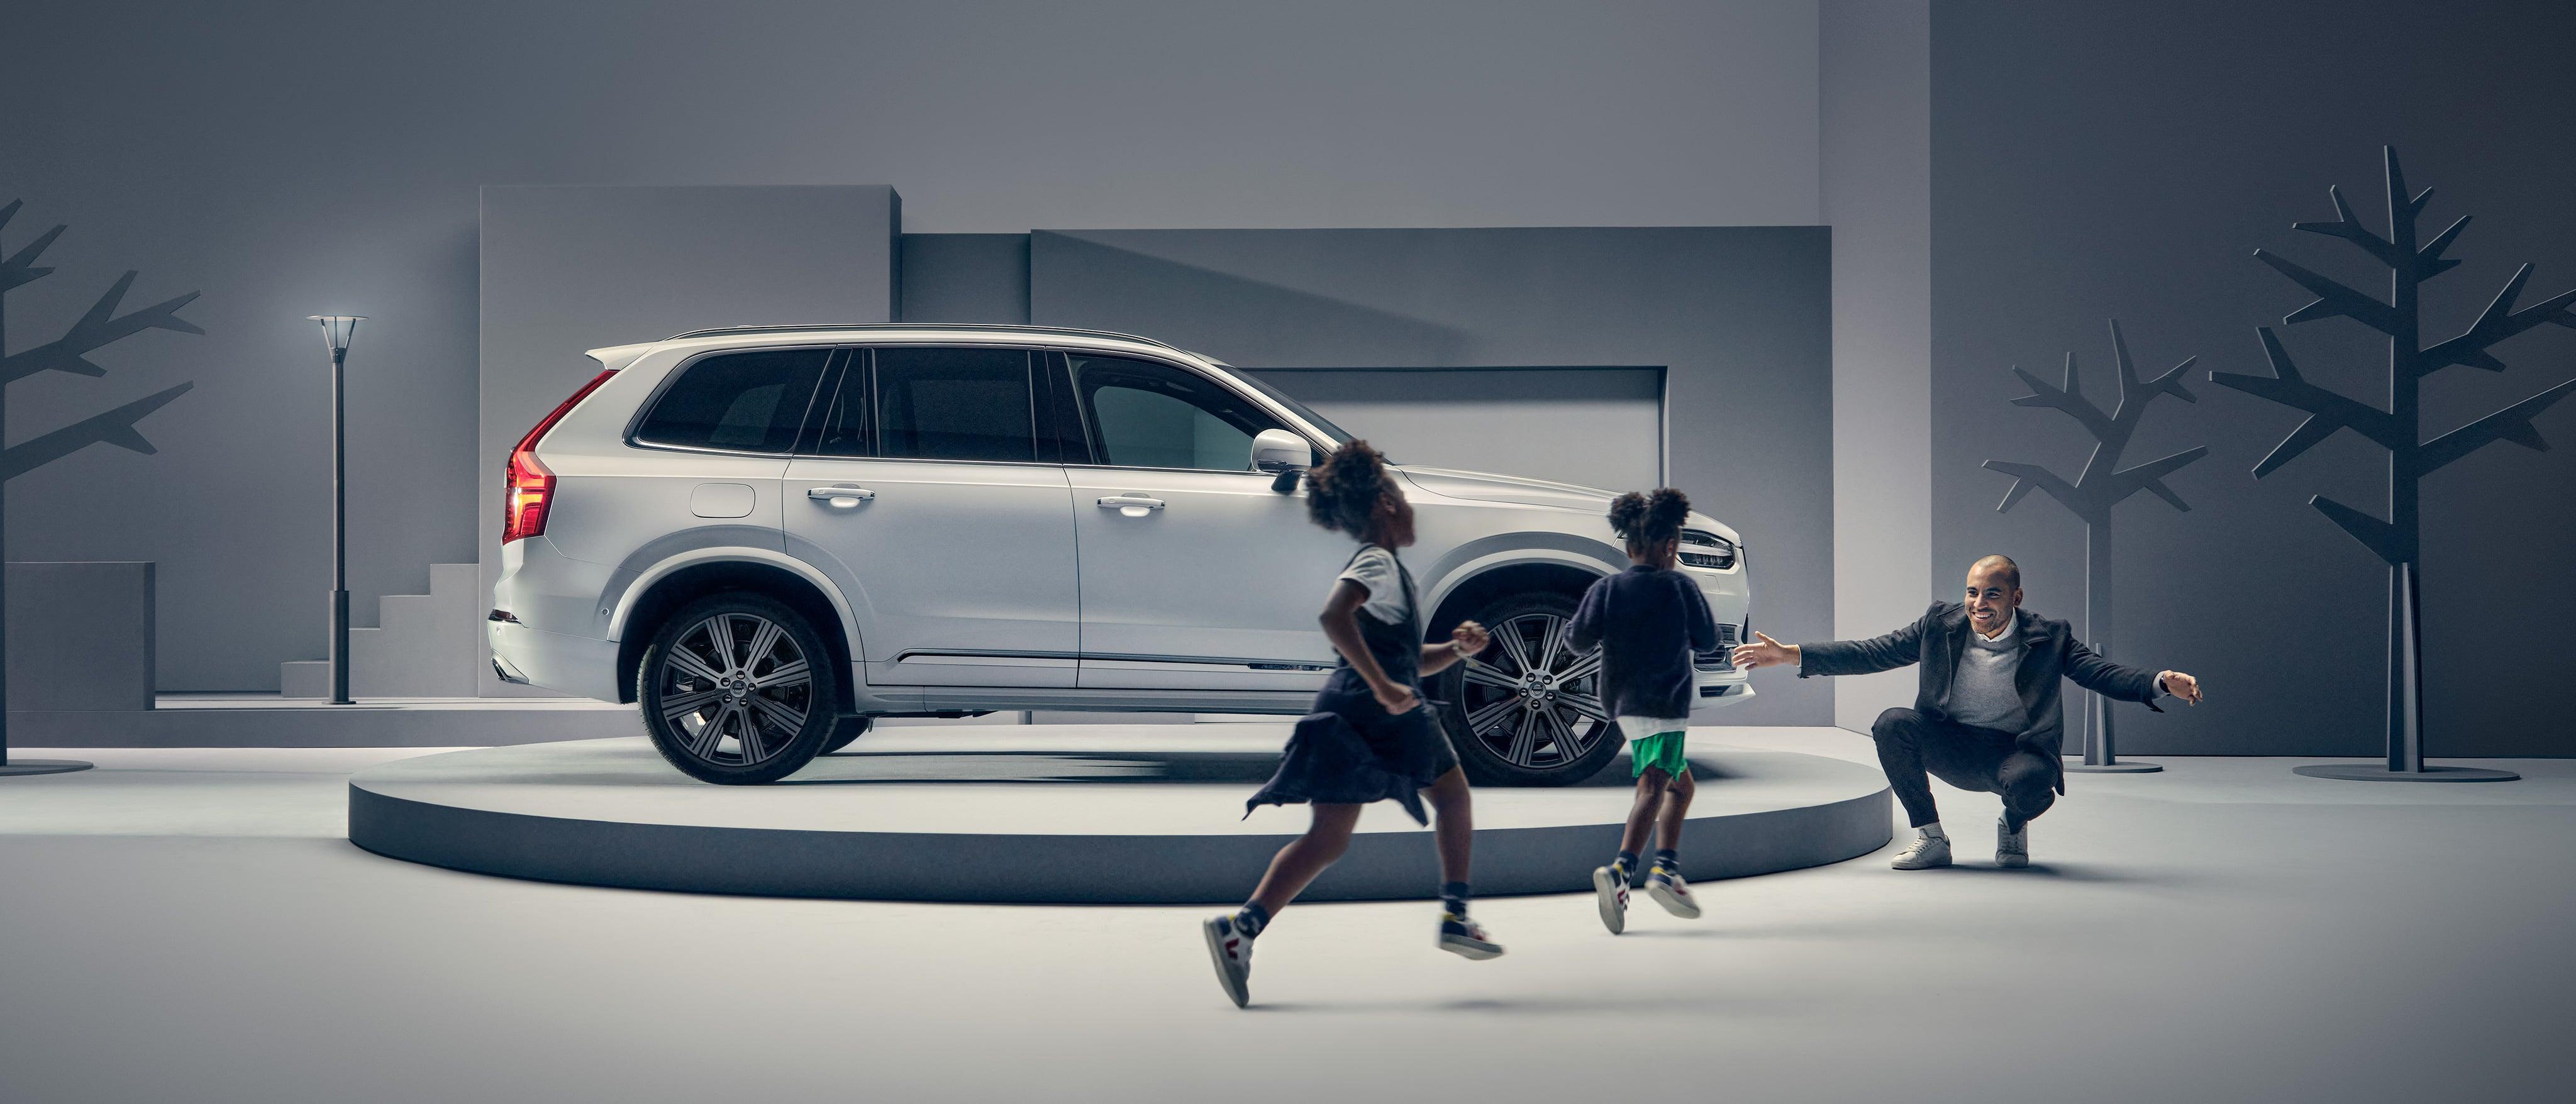 Ein Mann grüßt zwei Kinder vor einem Volvo auf einem Podest.